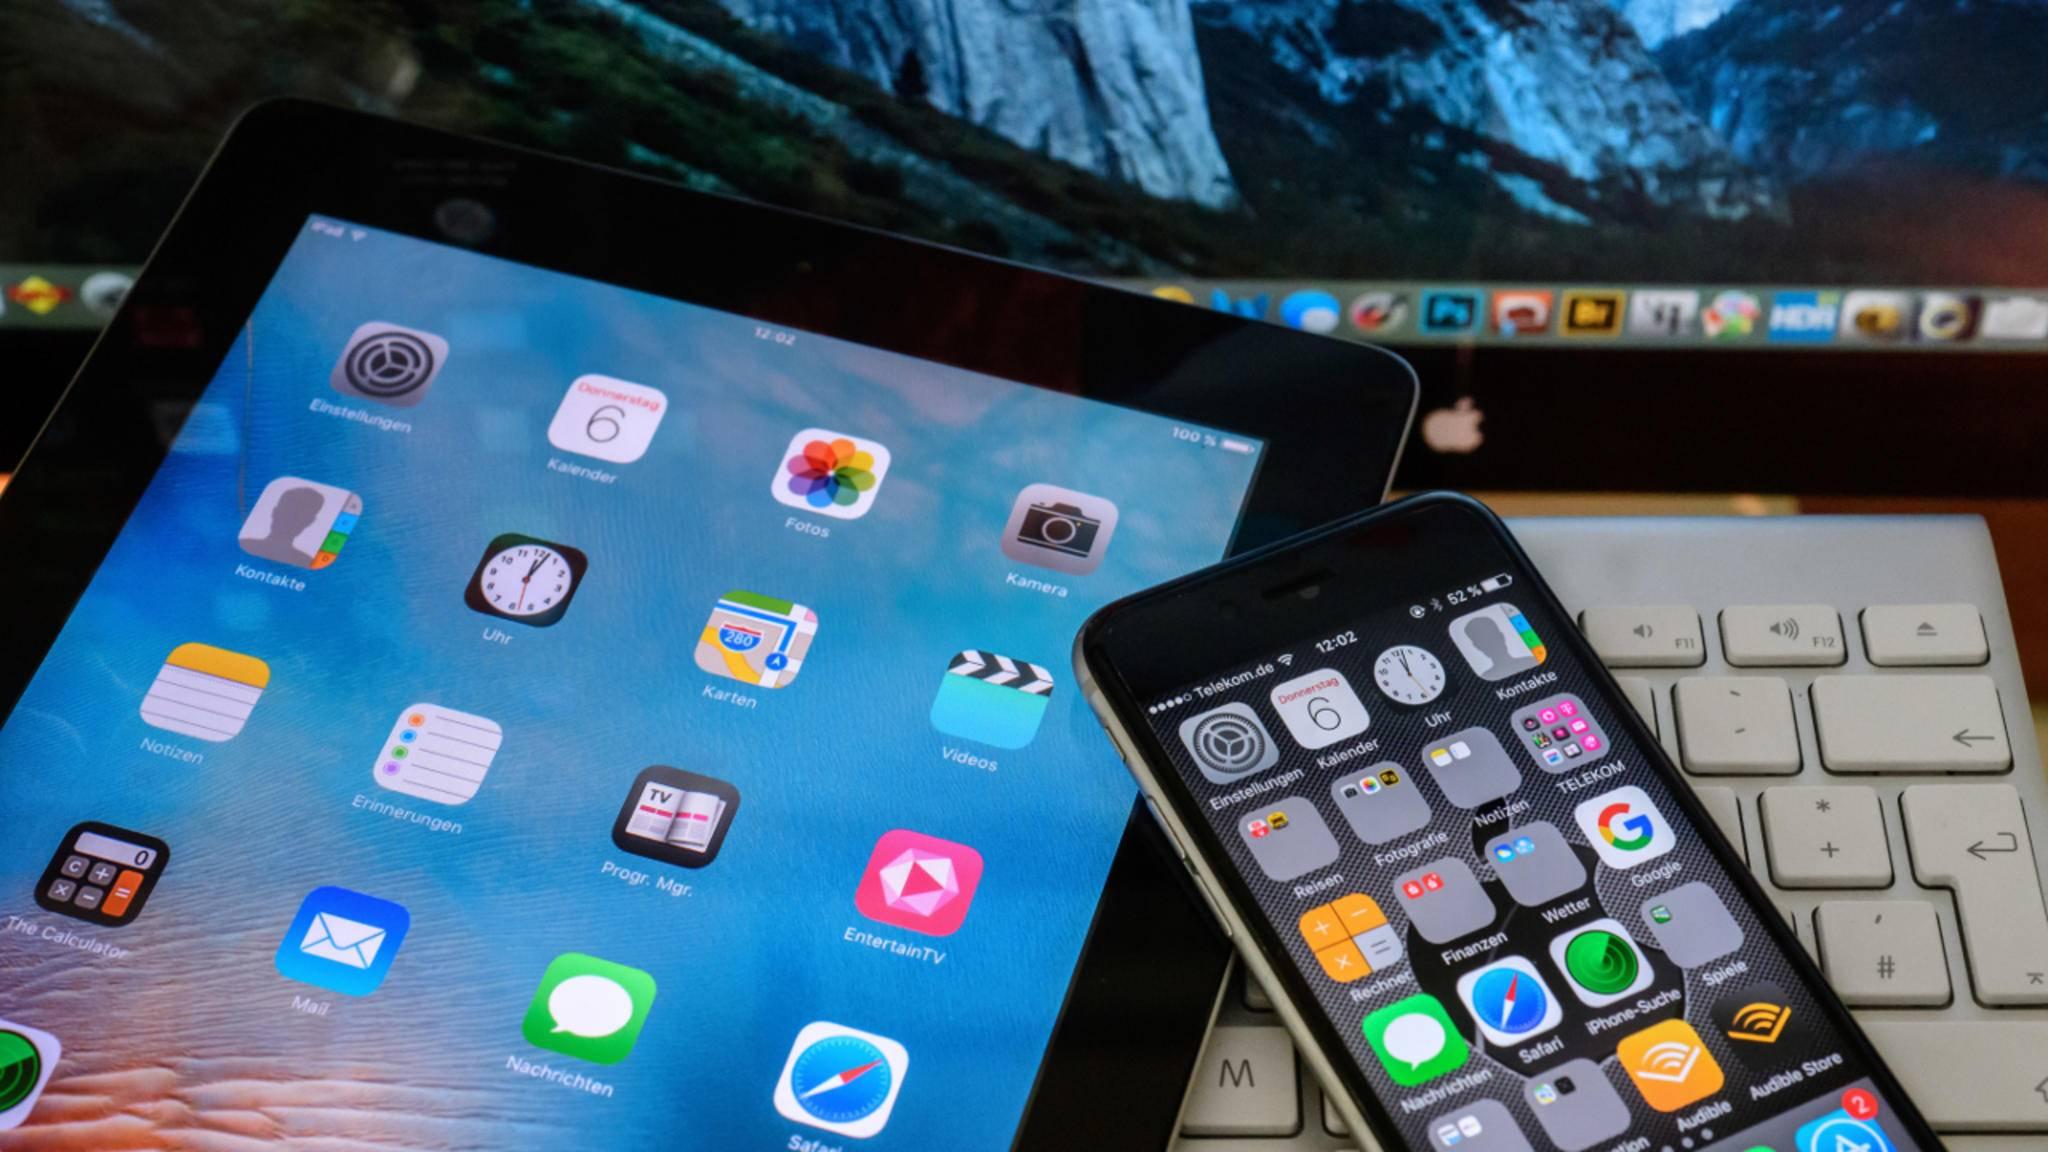 Mit der iCloud kannst Du von unterschiedlichen Geräten auf Deine Daten zugreifen.